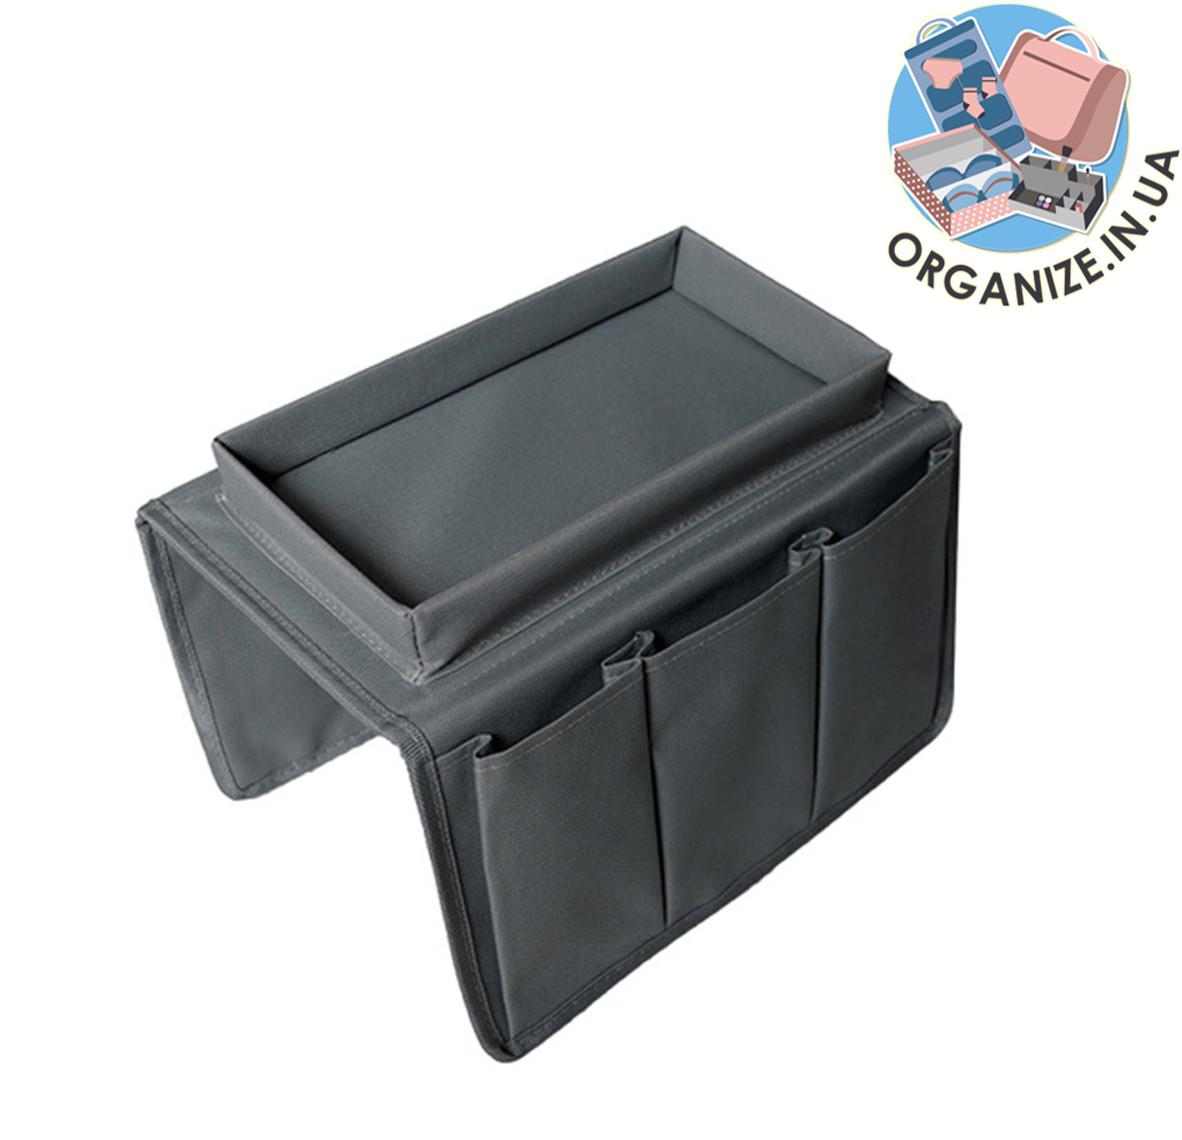 Органайзер-накидка на подлокотник дивана/для пультов ORGANIZE